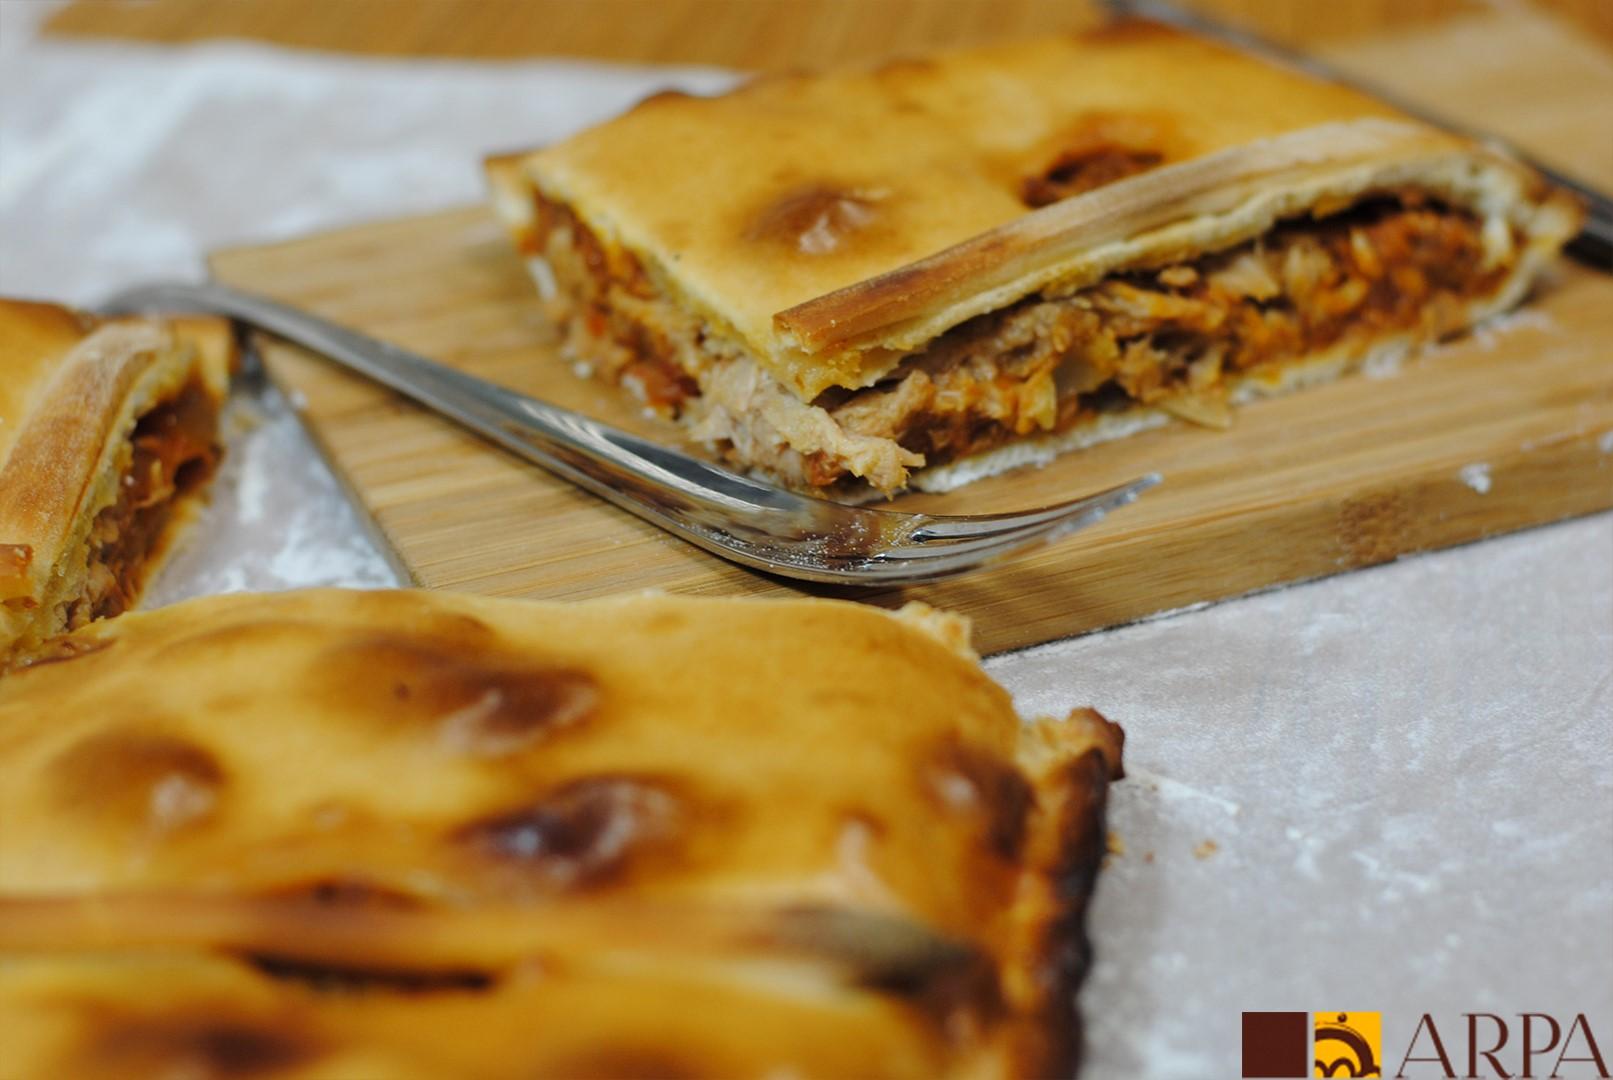 Empanada de atún, elaborada con masa de pan y rellena de pisto de tomate y verduras y atún